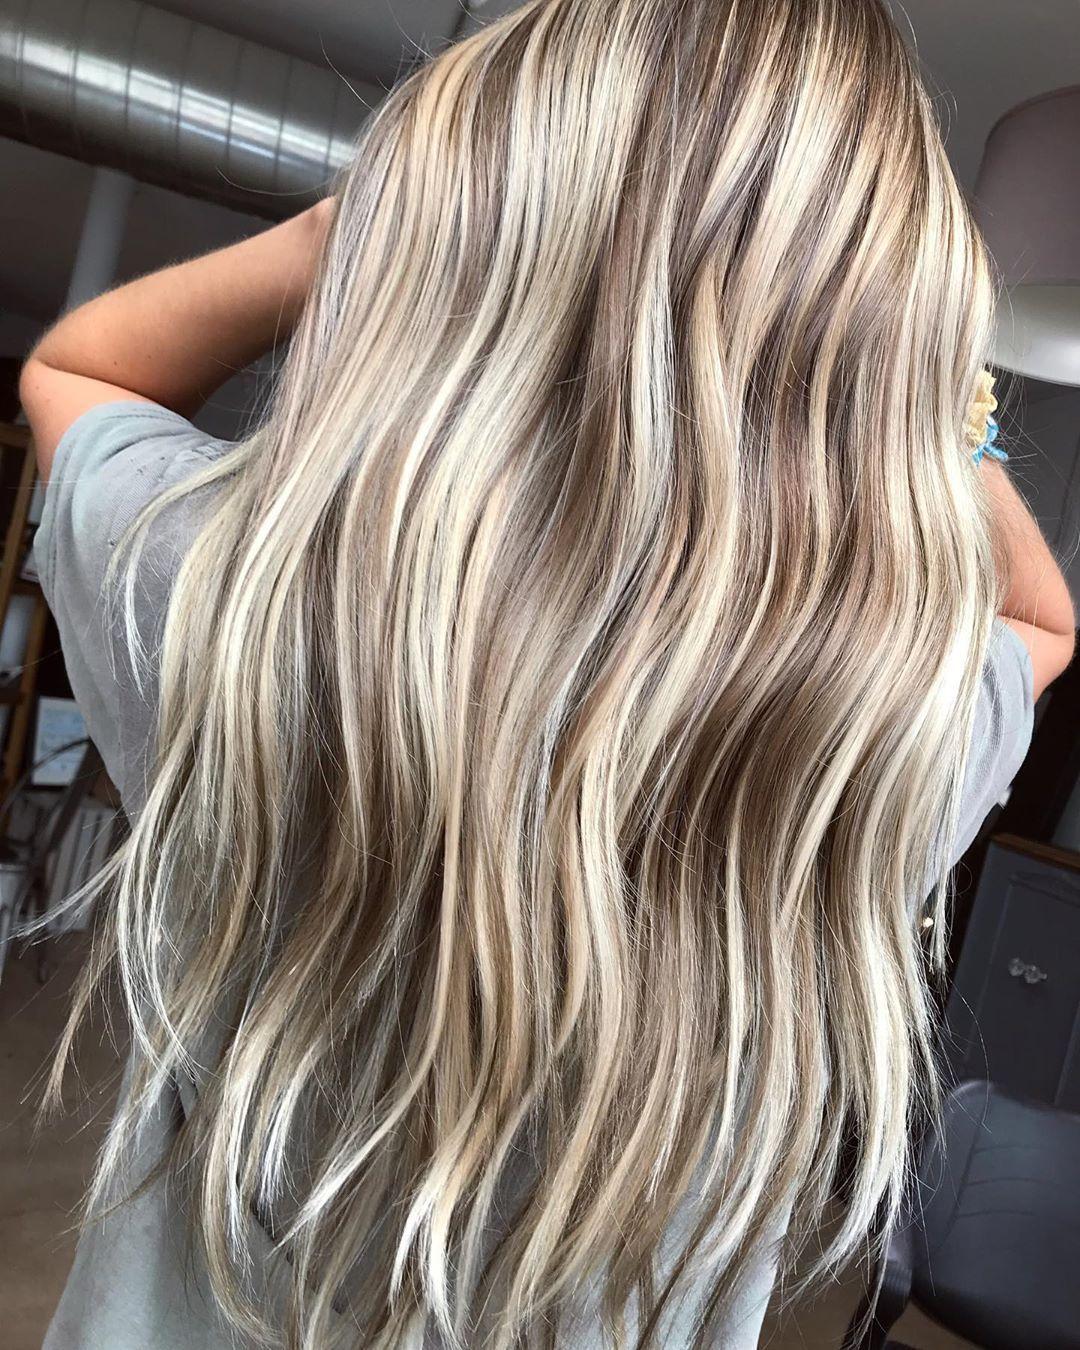 Strähnen blonde haare braune kann man